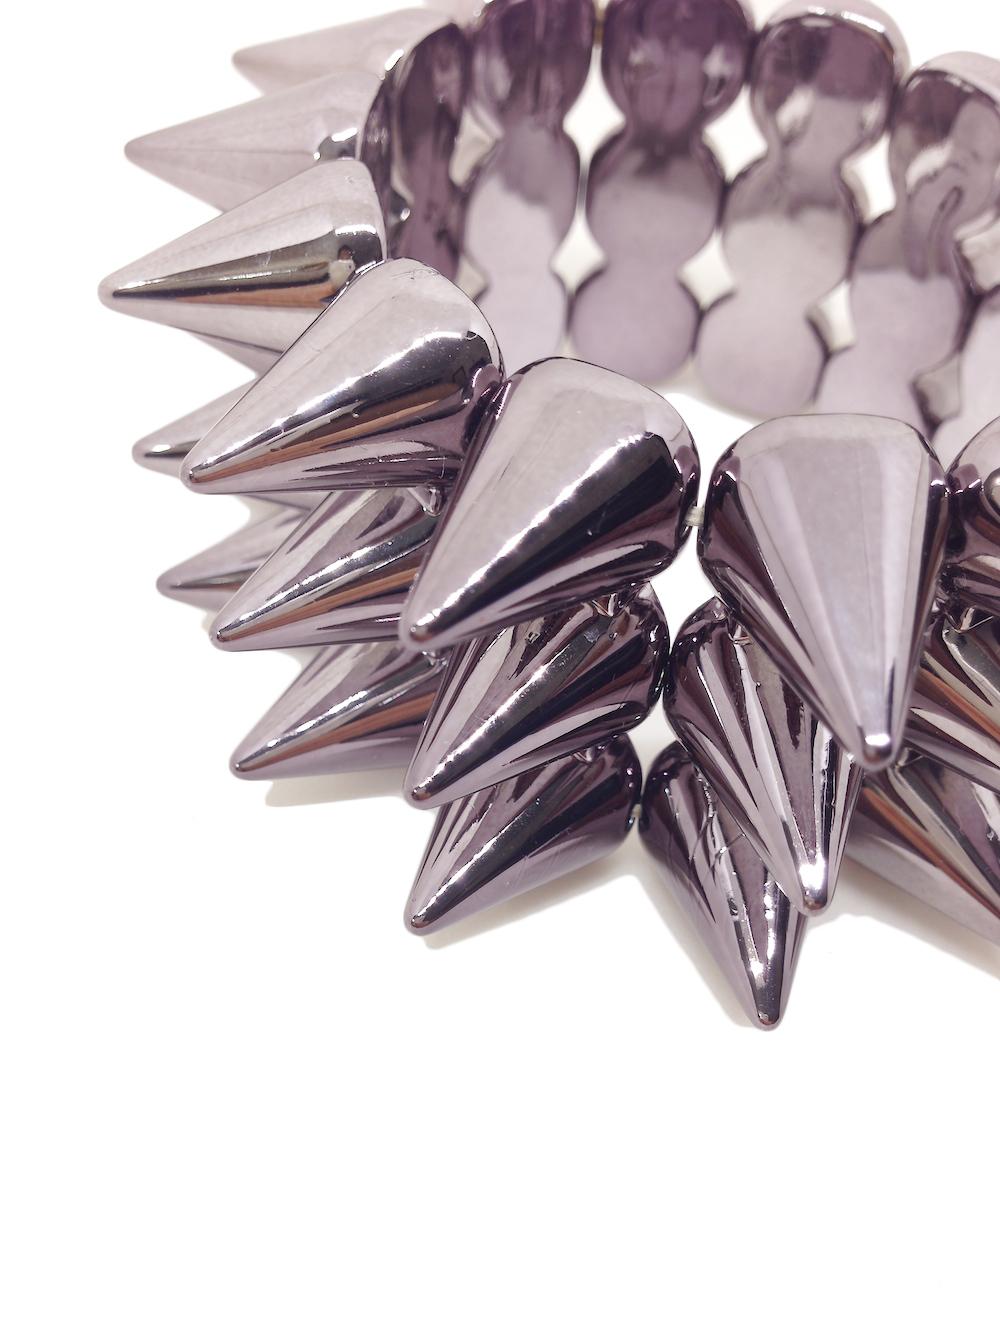 FREEBIE - Gunmetal Acrylic Stretch Bracelet with Spikes - $7 value